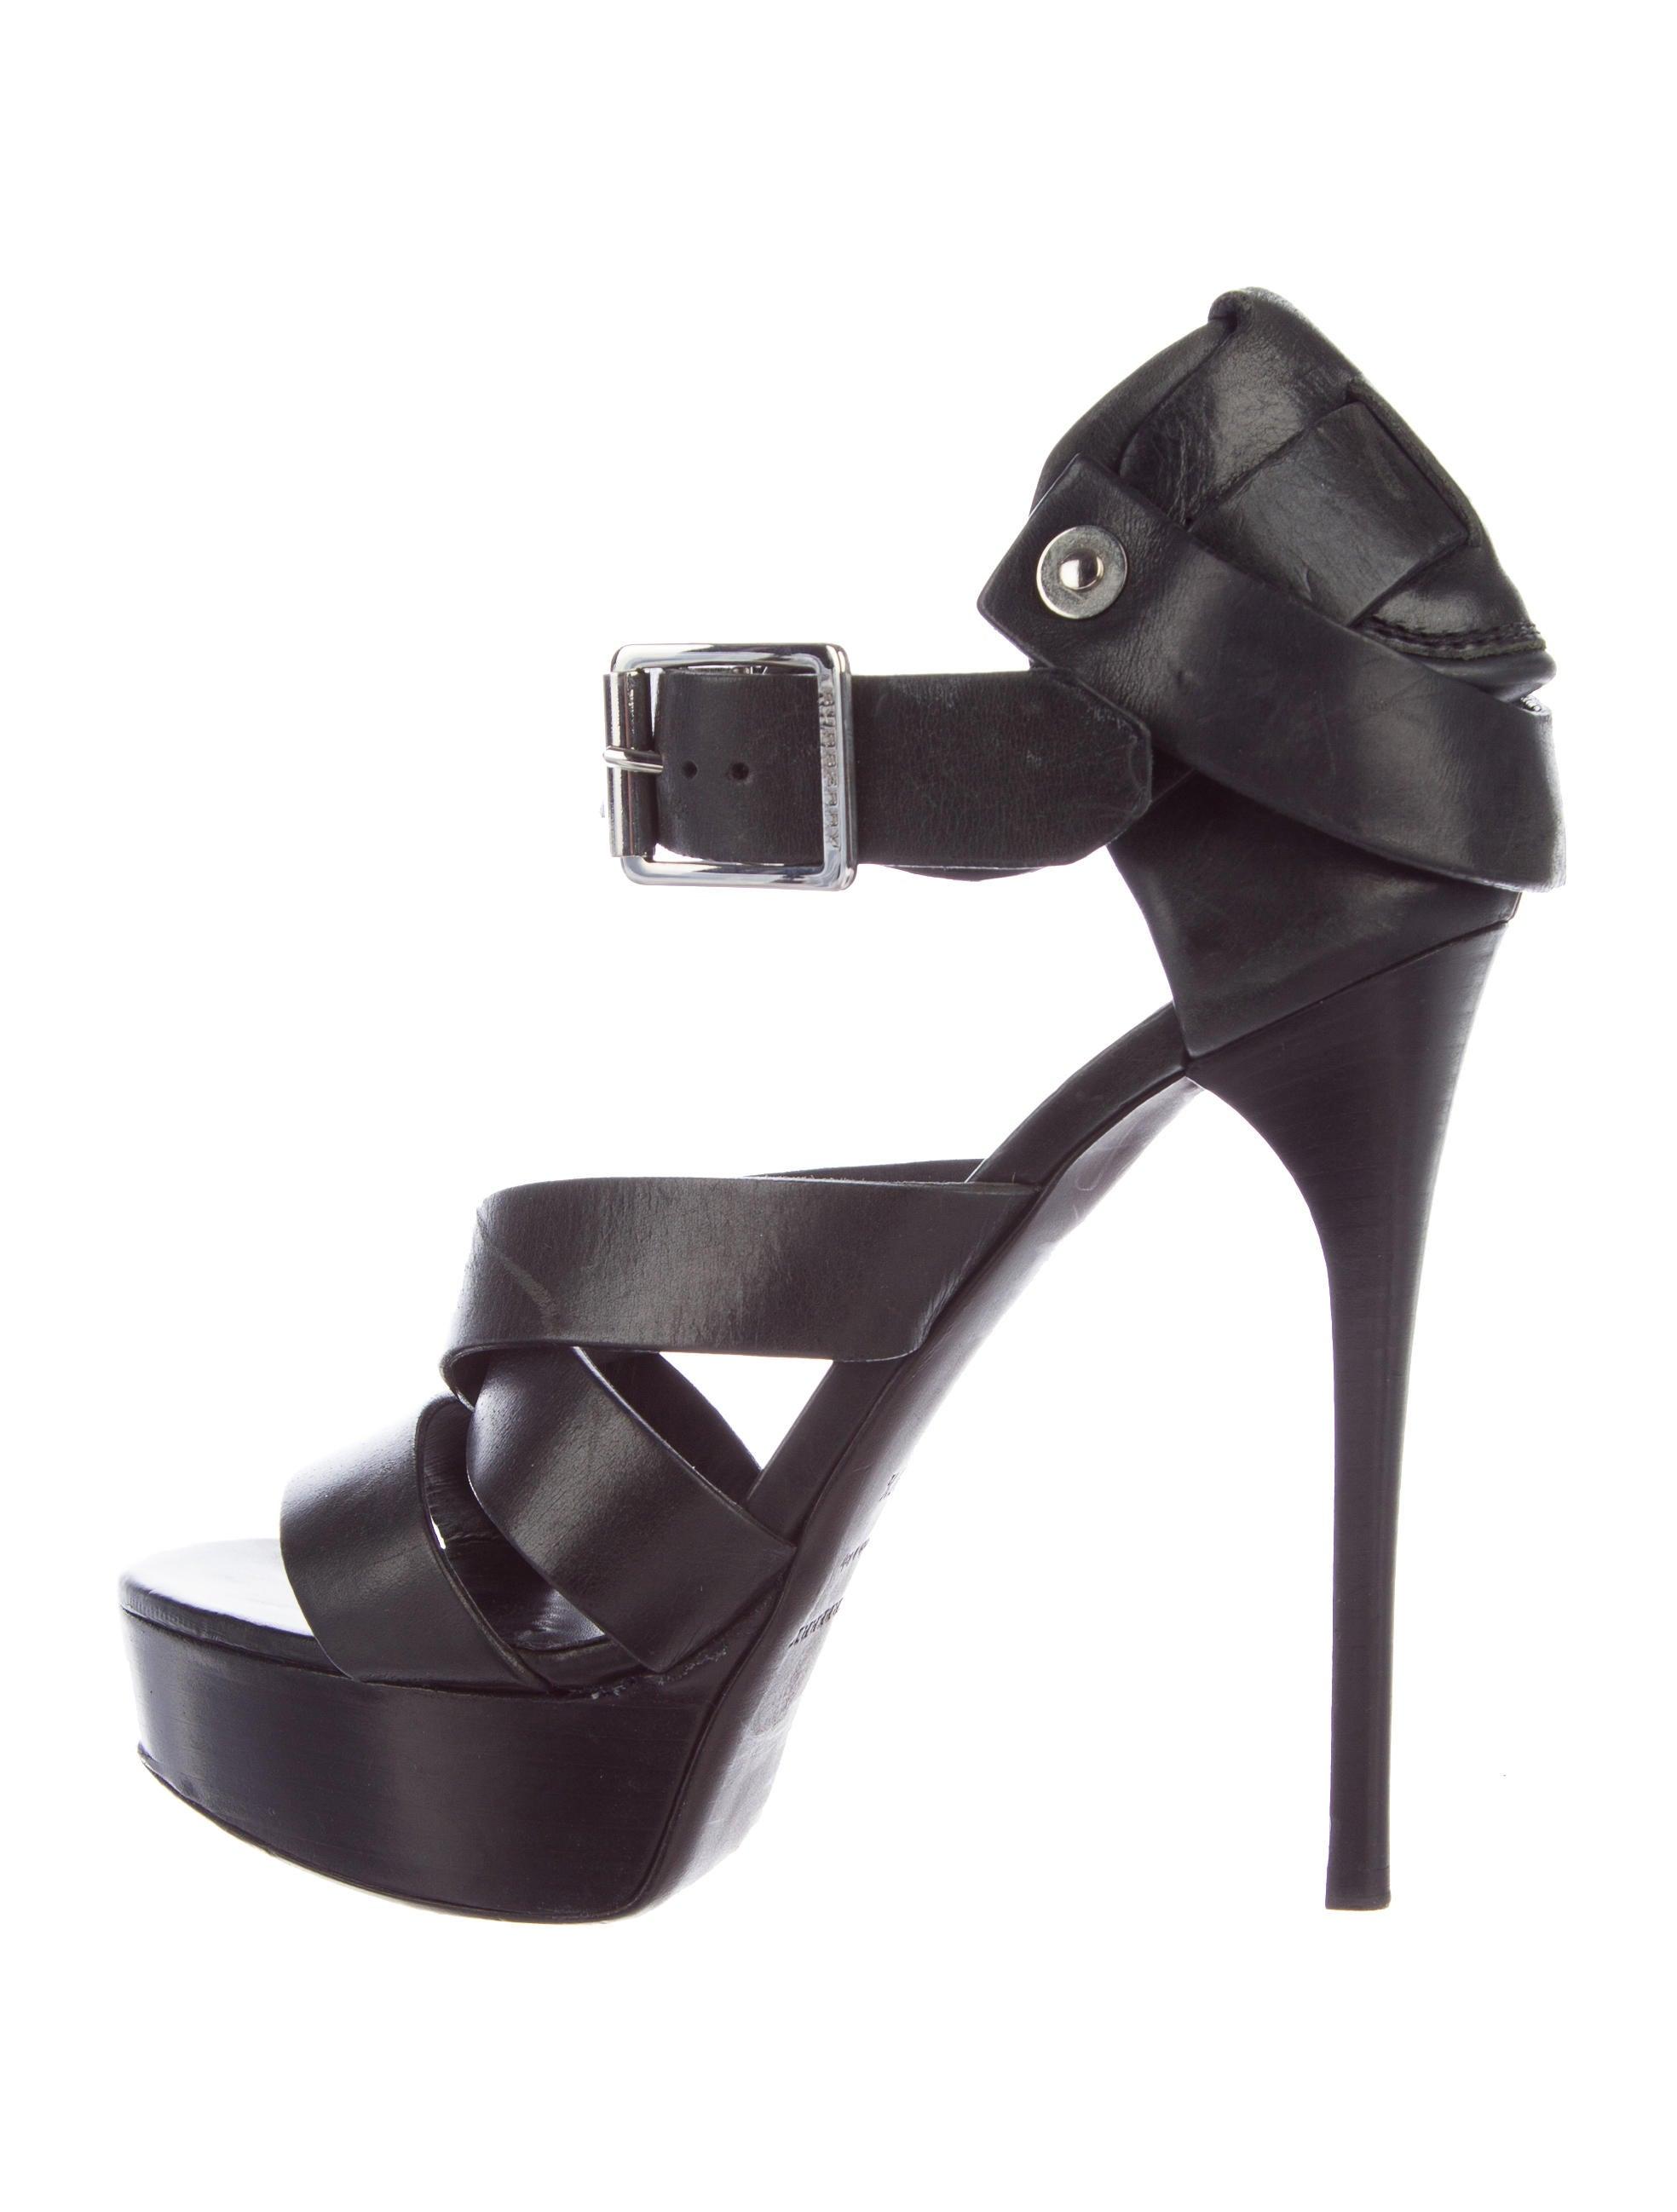 burberry prorsum multi platform sandals shoes